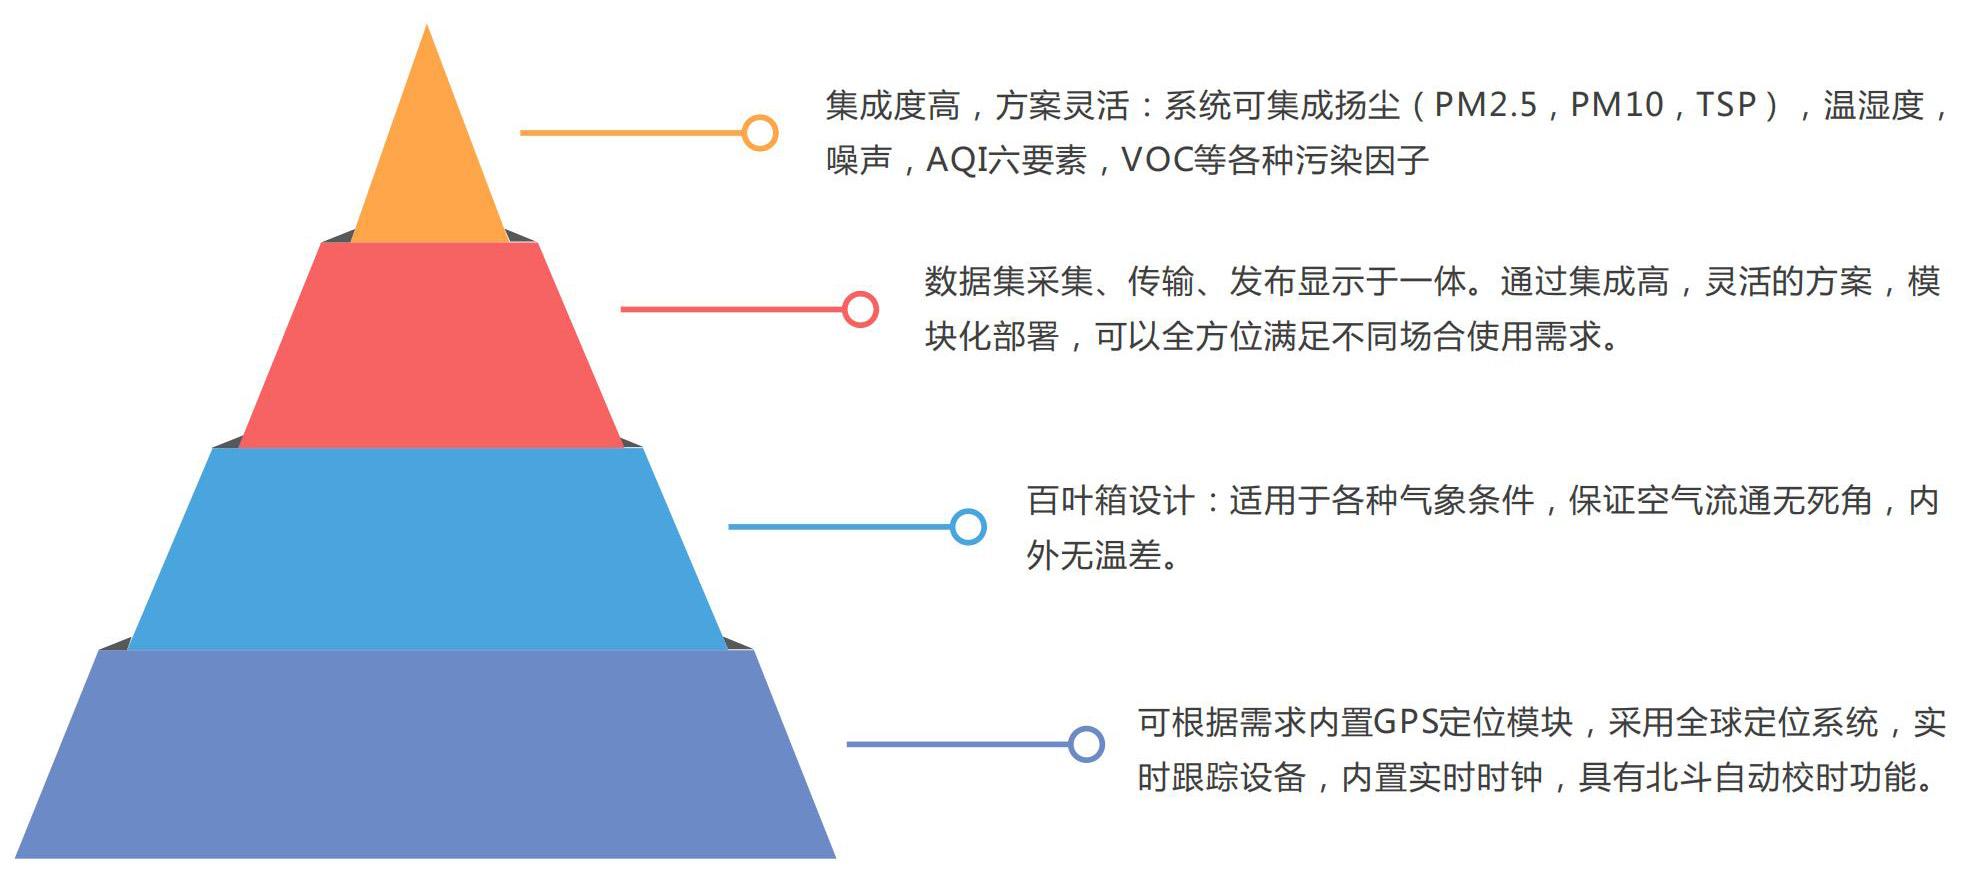 远程喊话环境在线监控系统在环境监测执法中的应用